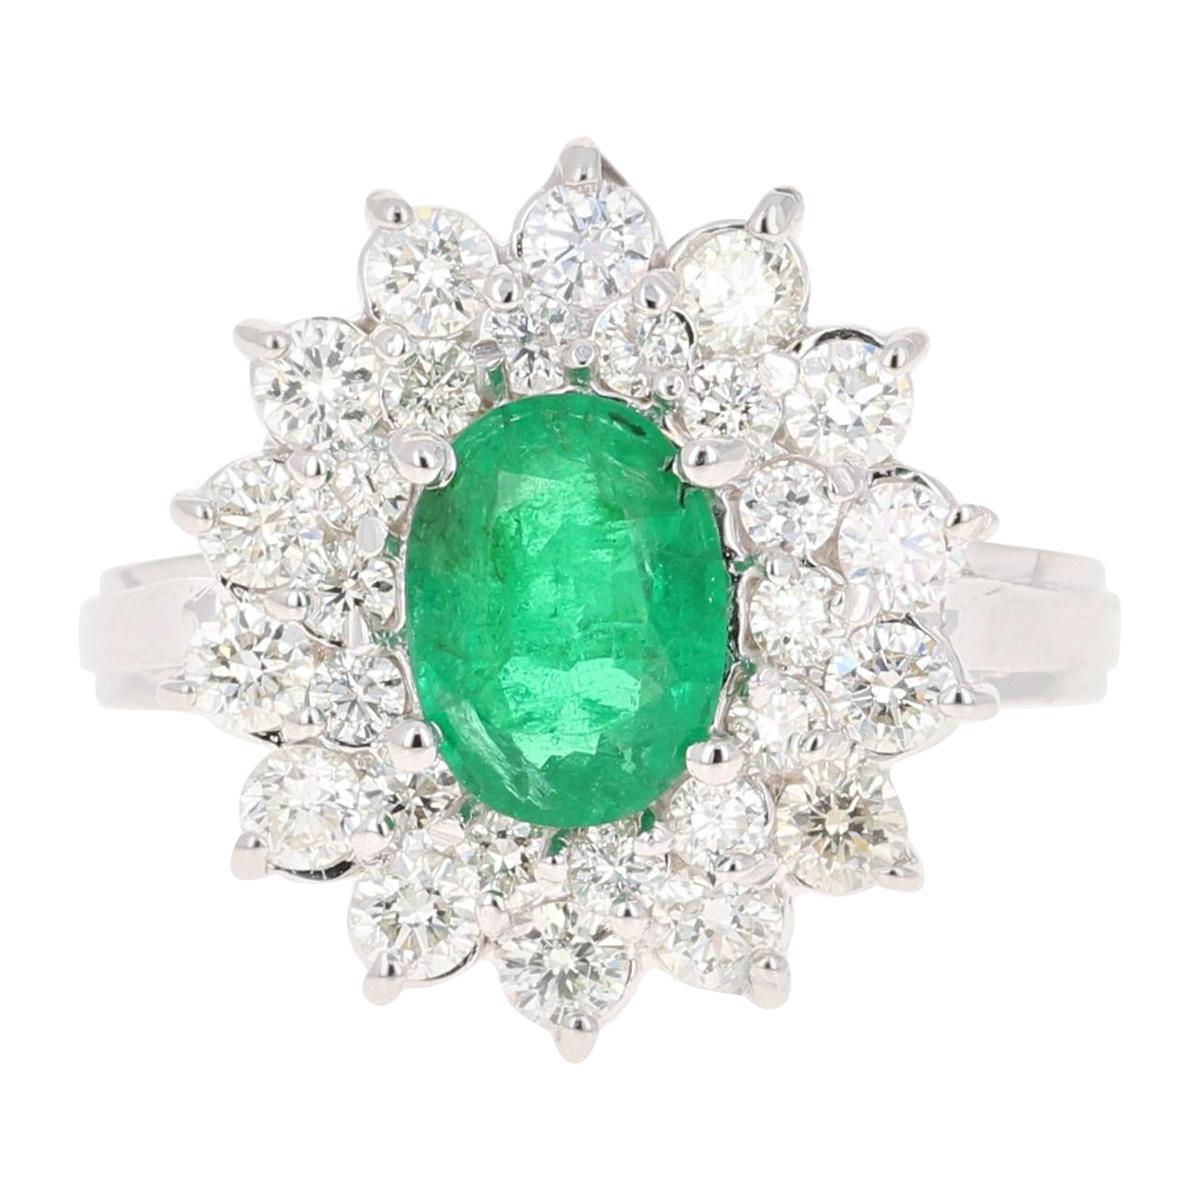 2.29 Carat Emerald Diamond 18 Karat White Gold Engagement Ring GIA Certified